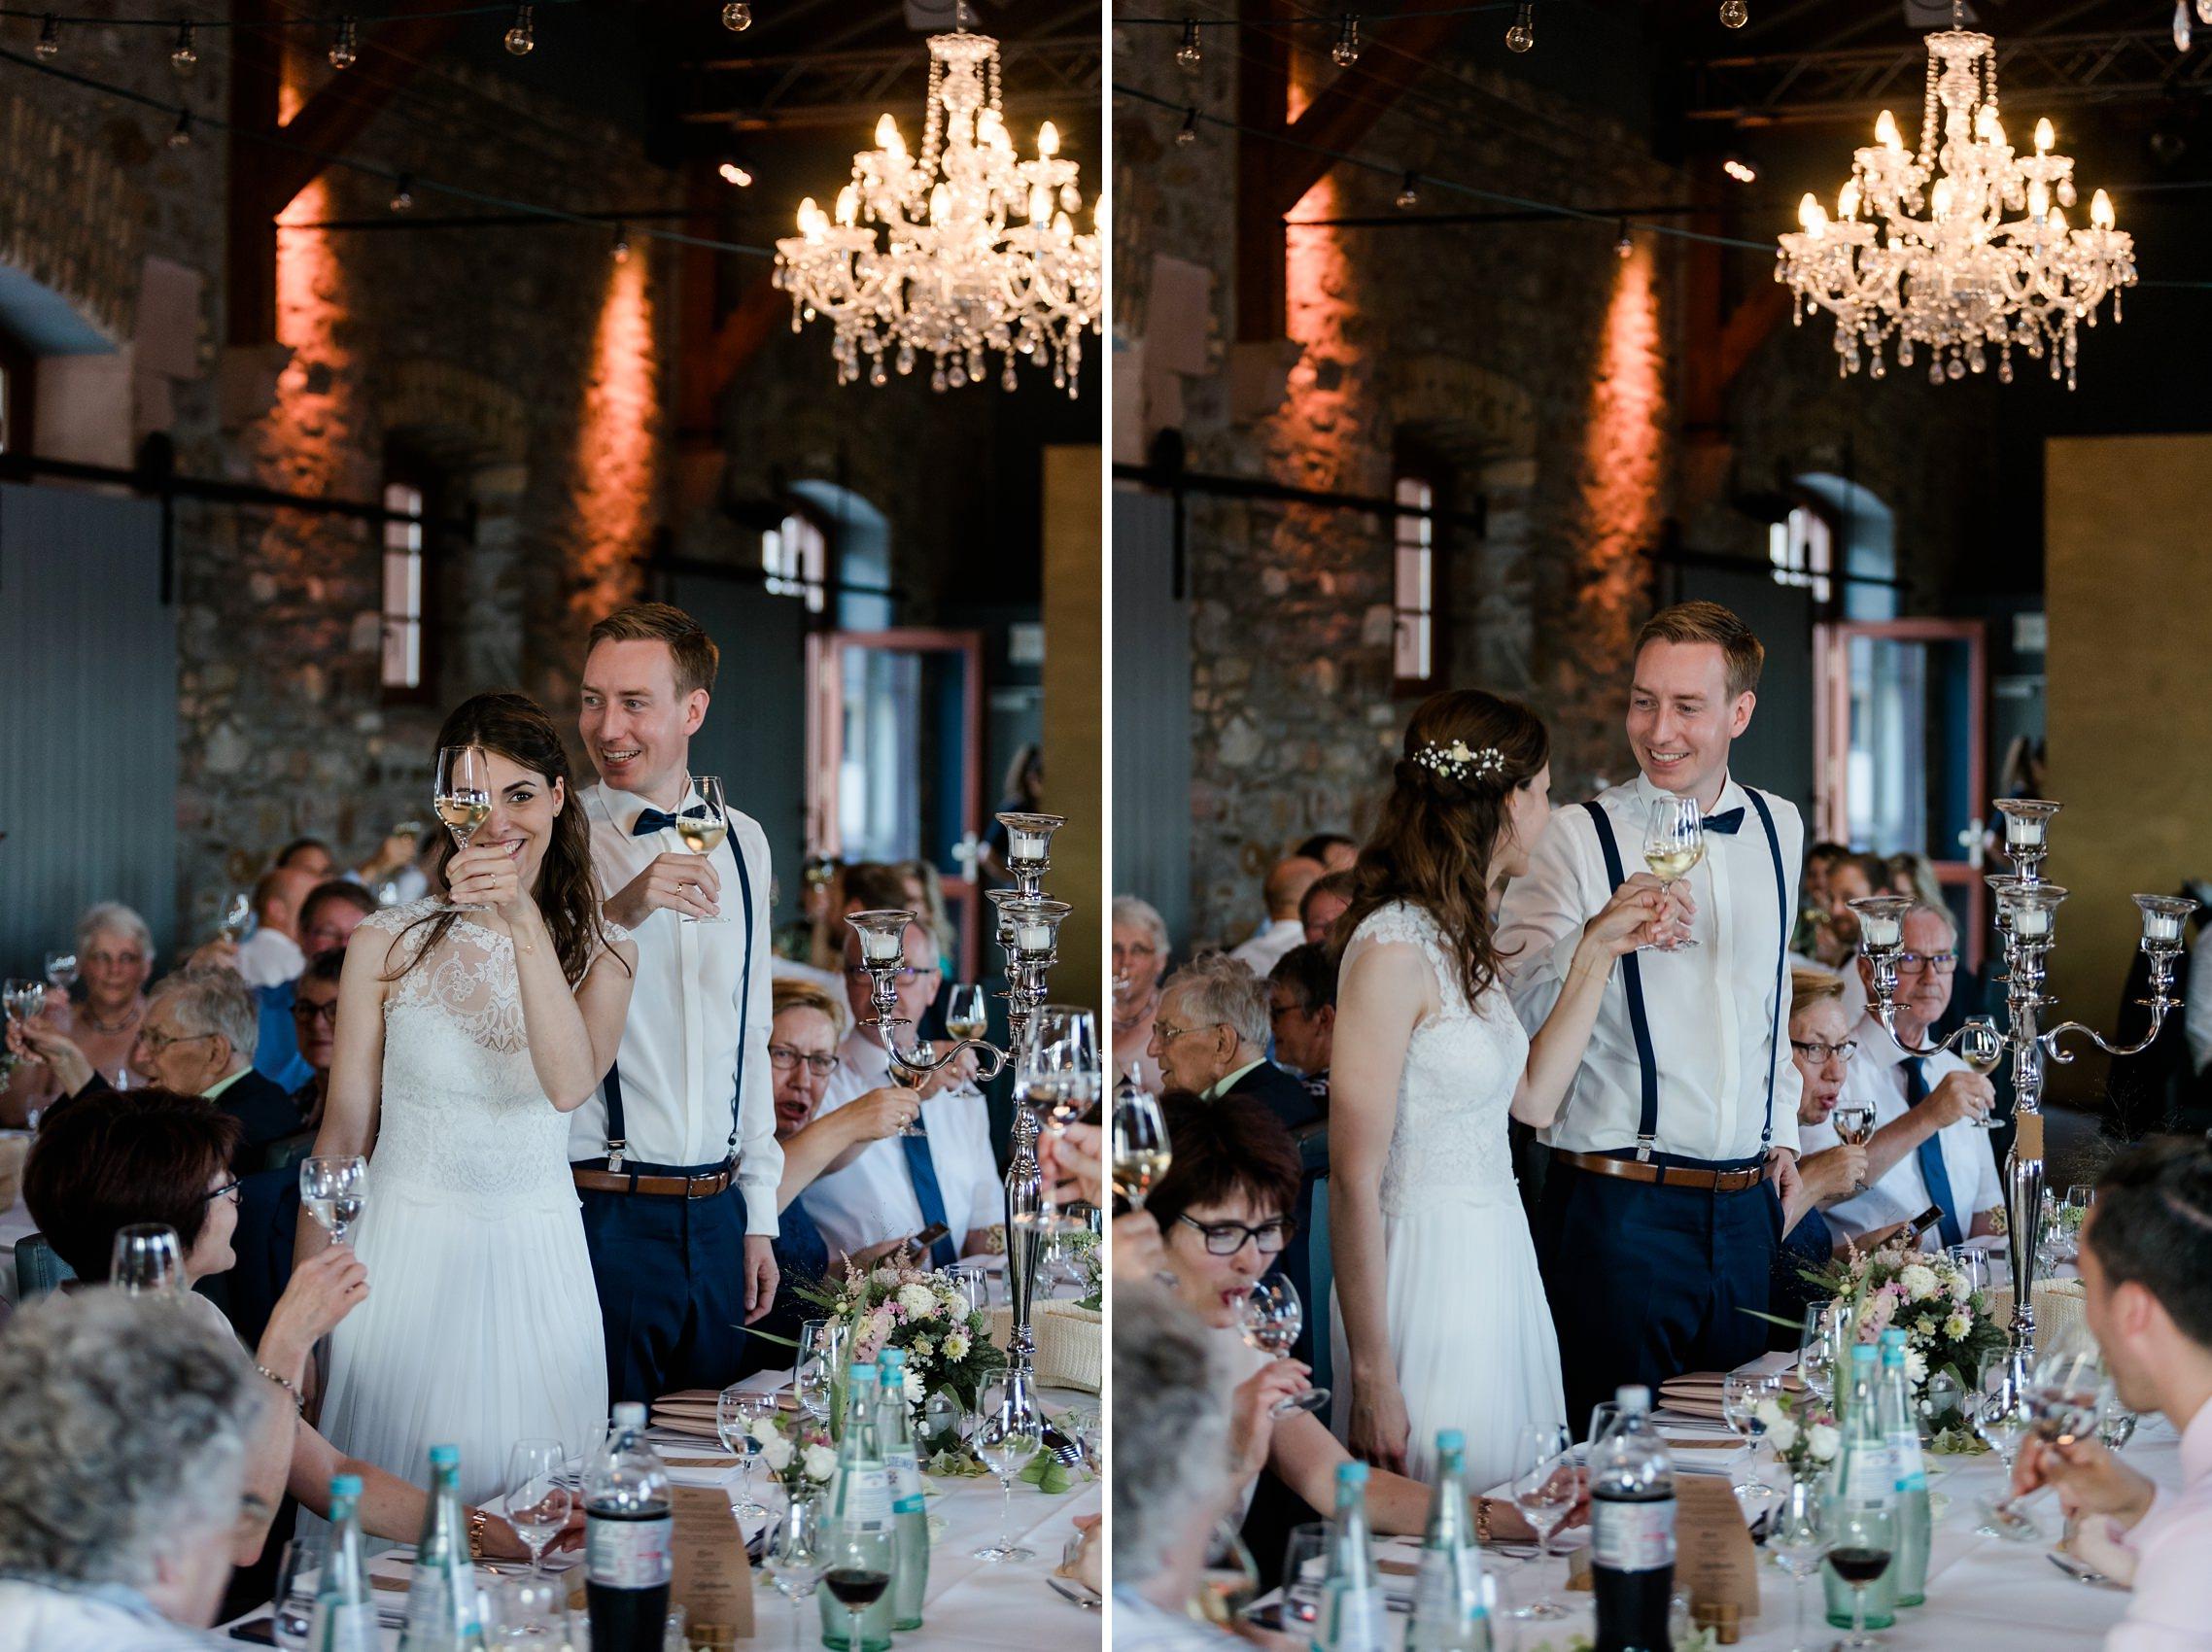 Braut und Bräutigam stoßen mit den Gästen auf ihre Hochzeit an.